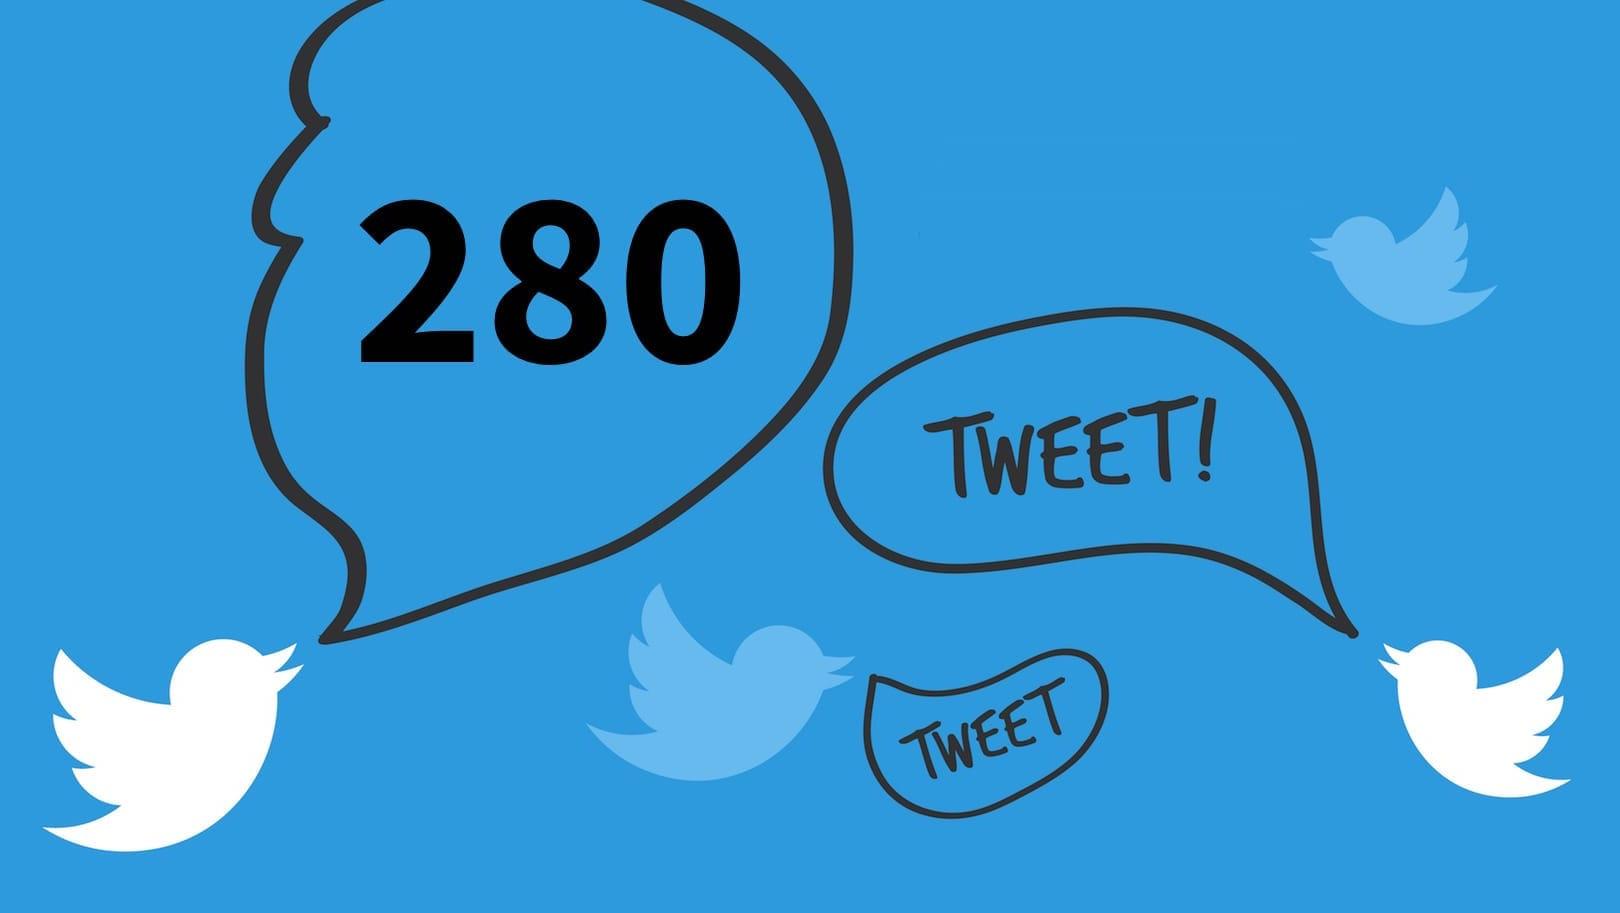 twitter-duplica-caracteres-280